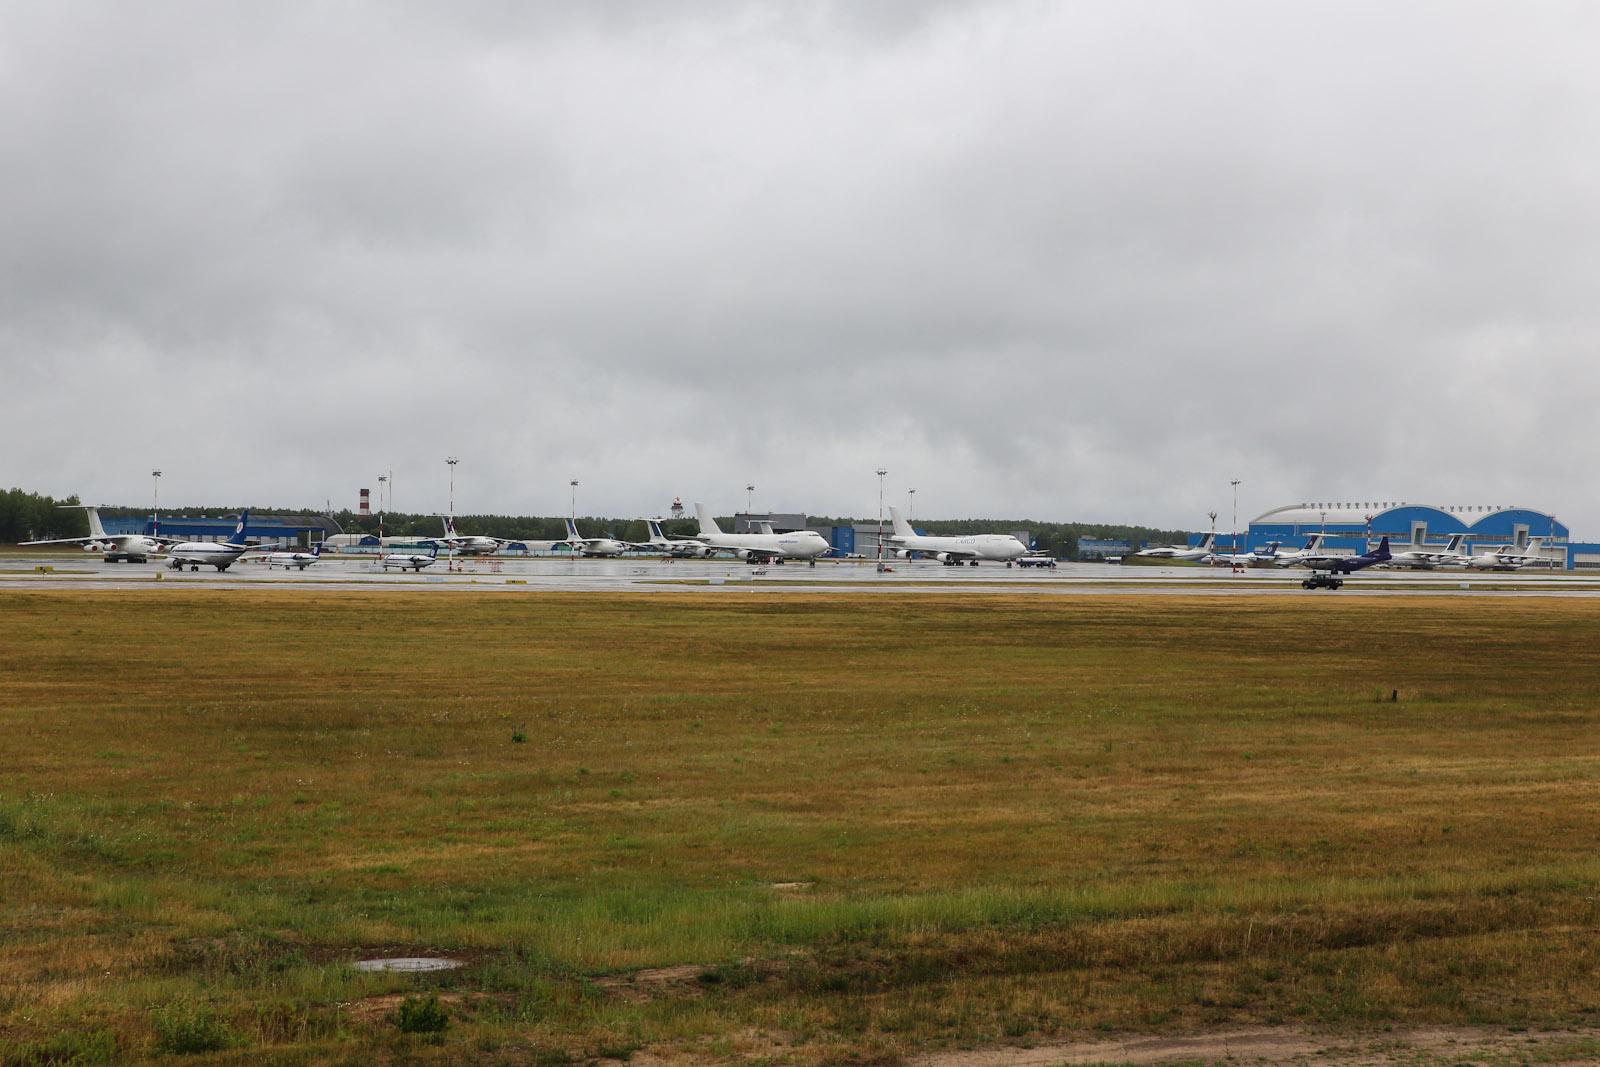 Грузовой перрон аэропорта Минск Национальный